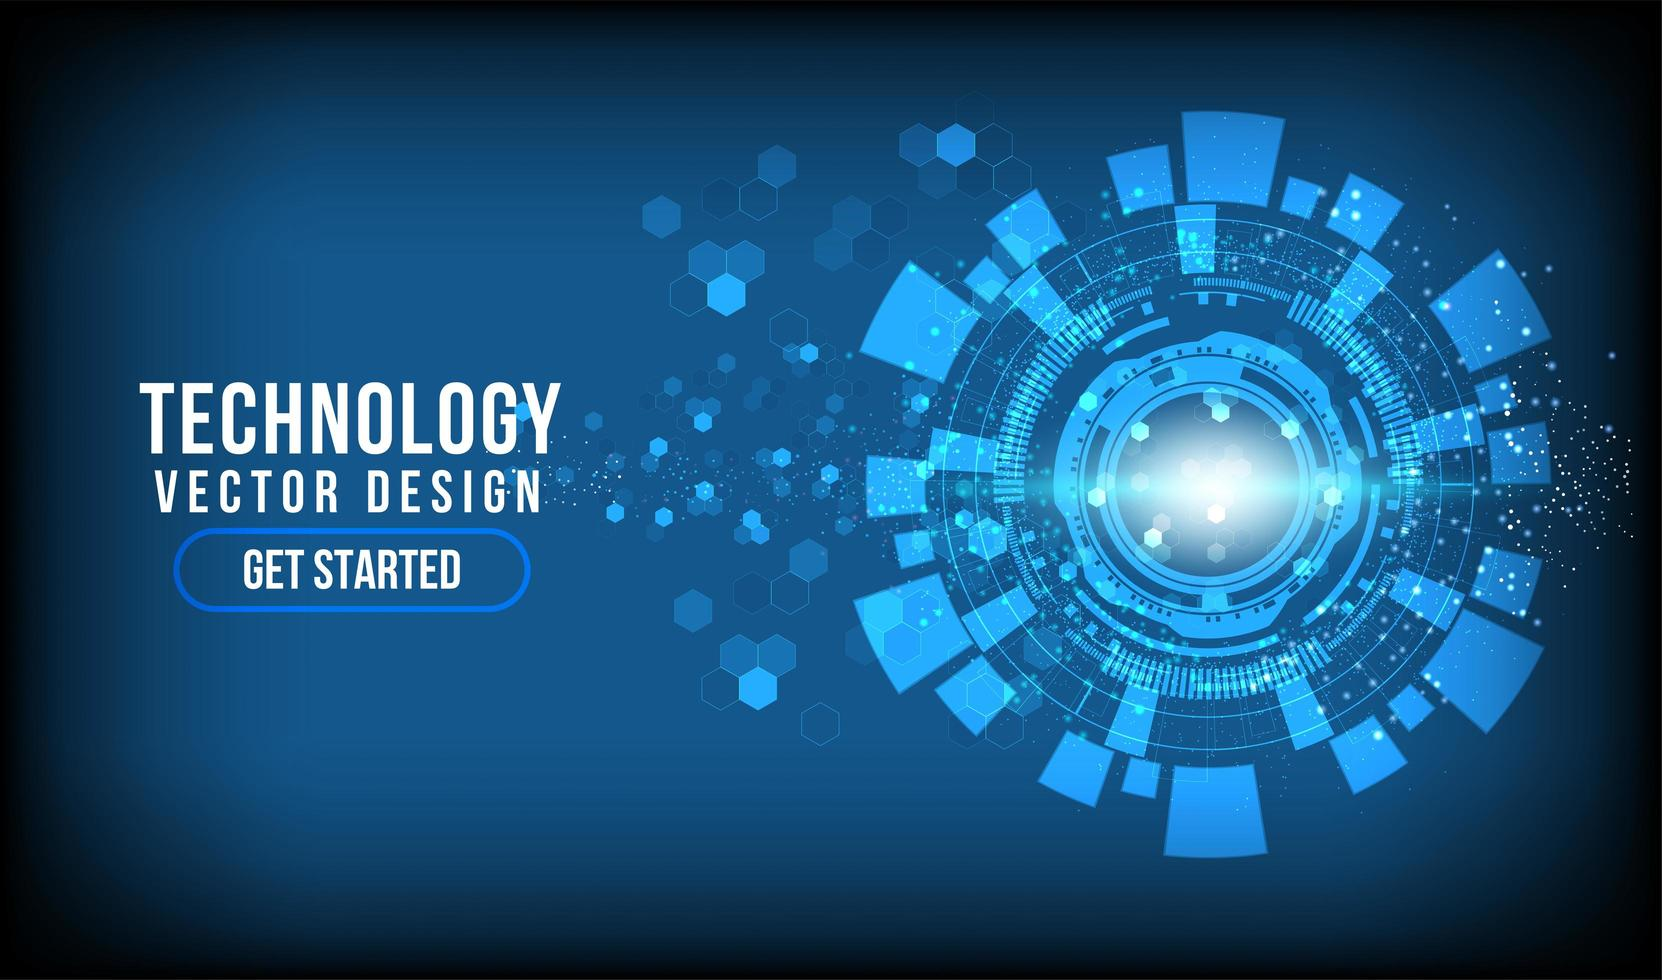 cercle de technologie abstraite étincelante avec espace copie vecteur